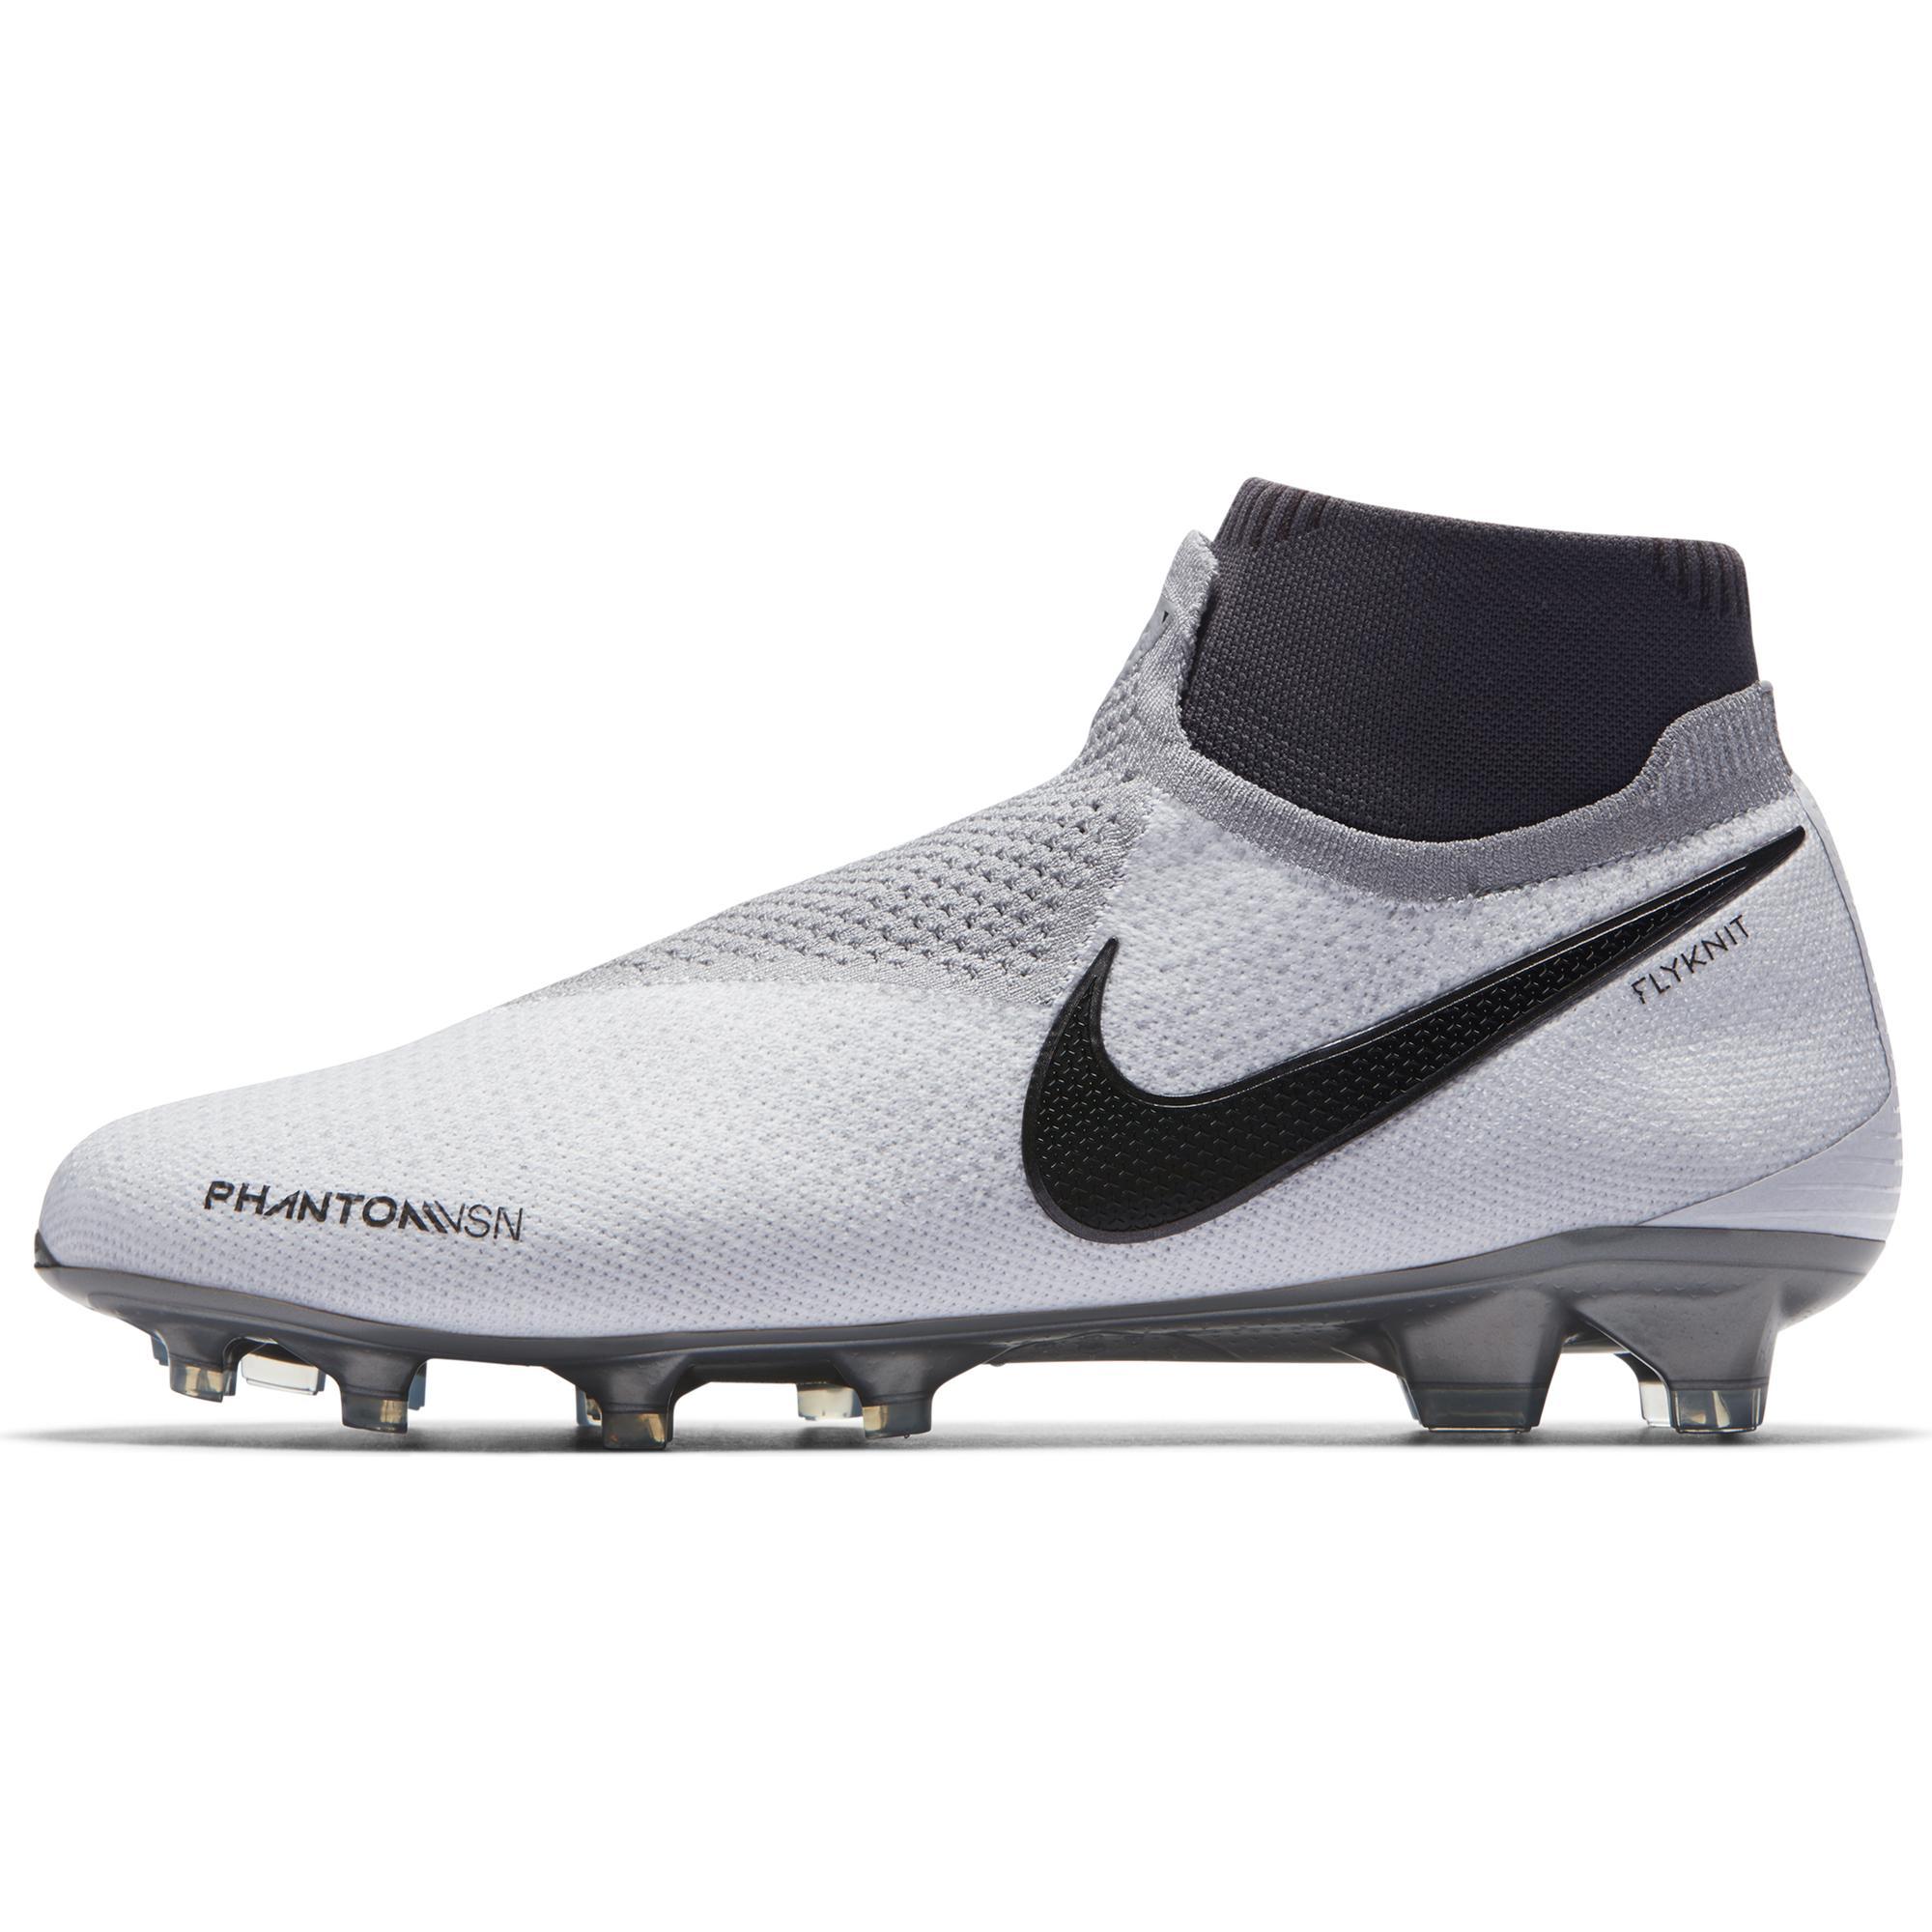 new concept 71134 5dde4 Nike Football Shoes Phantom Vsn Elite Df Fg Pure Platinum black-lt  Crimson-dark Grey - Tifoshop.com